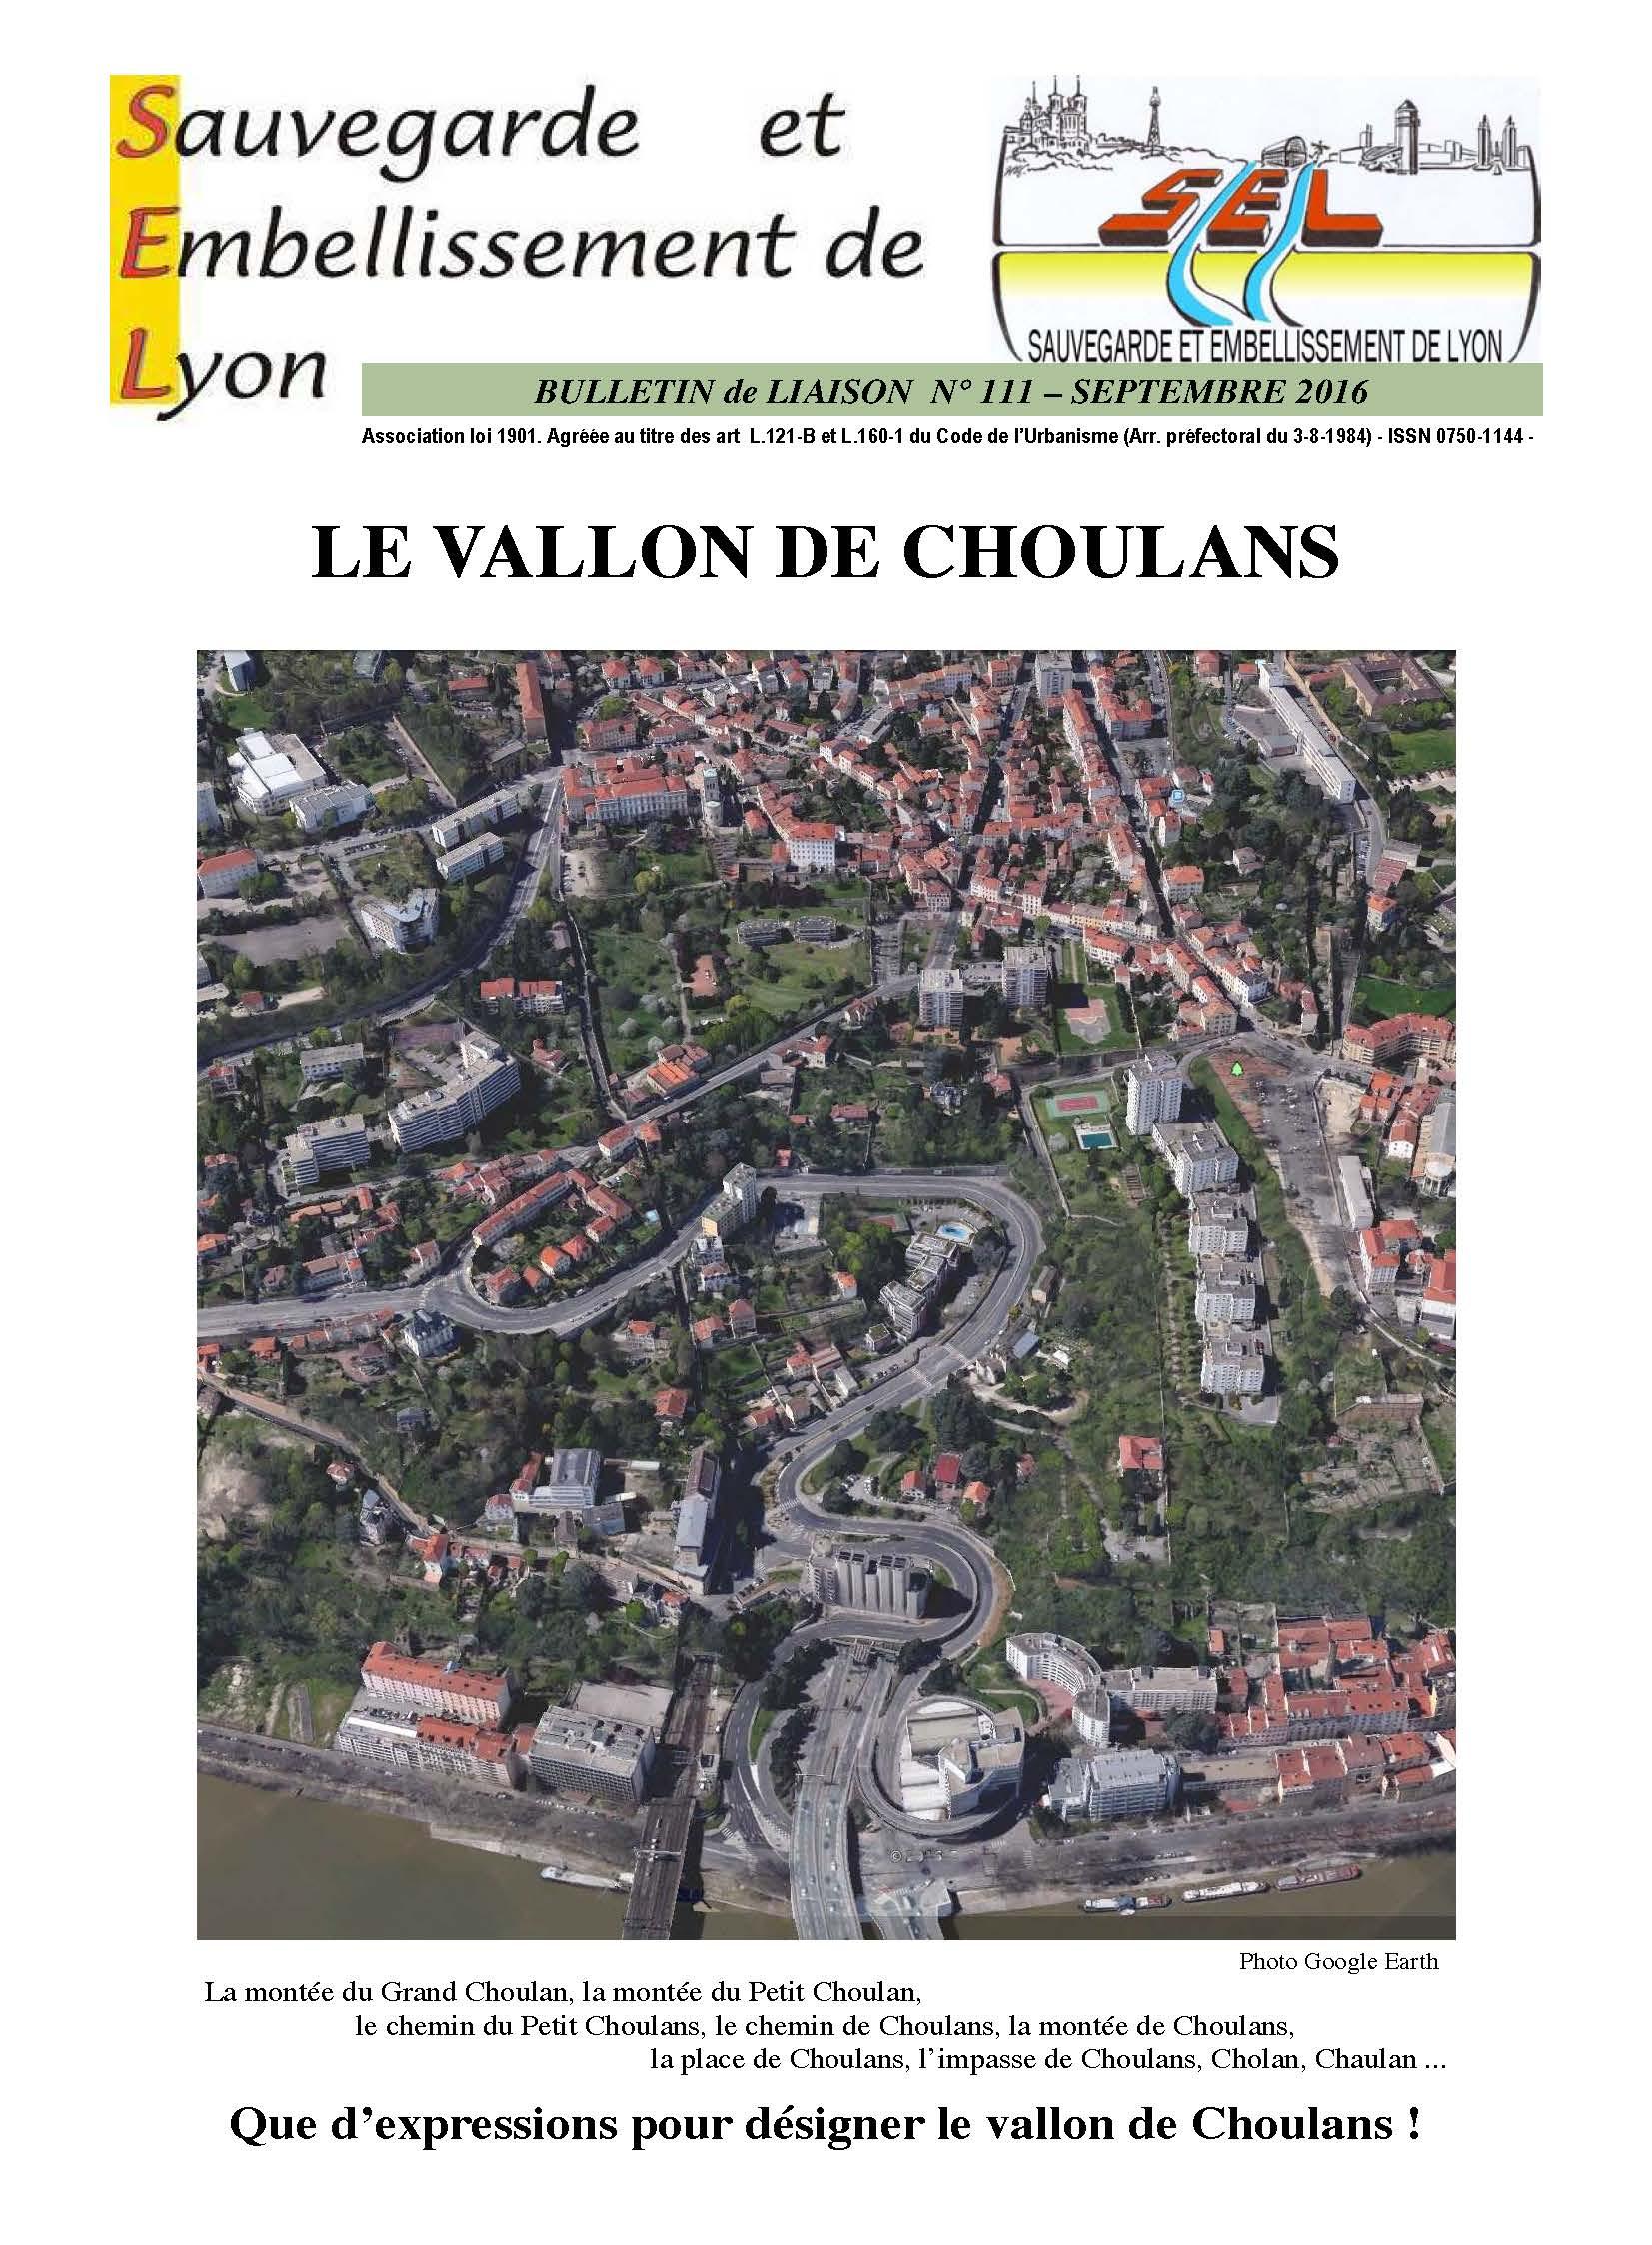 Le vallon de Choulans